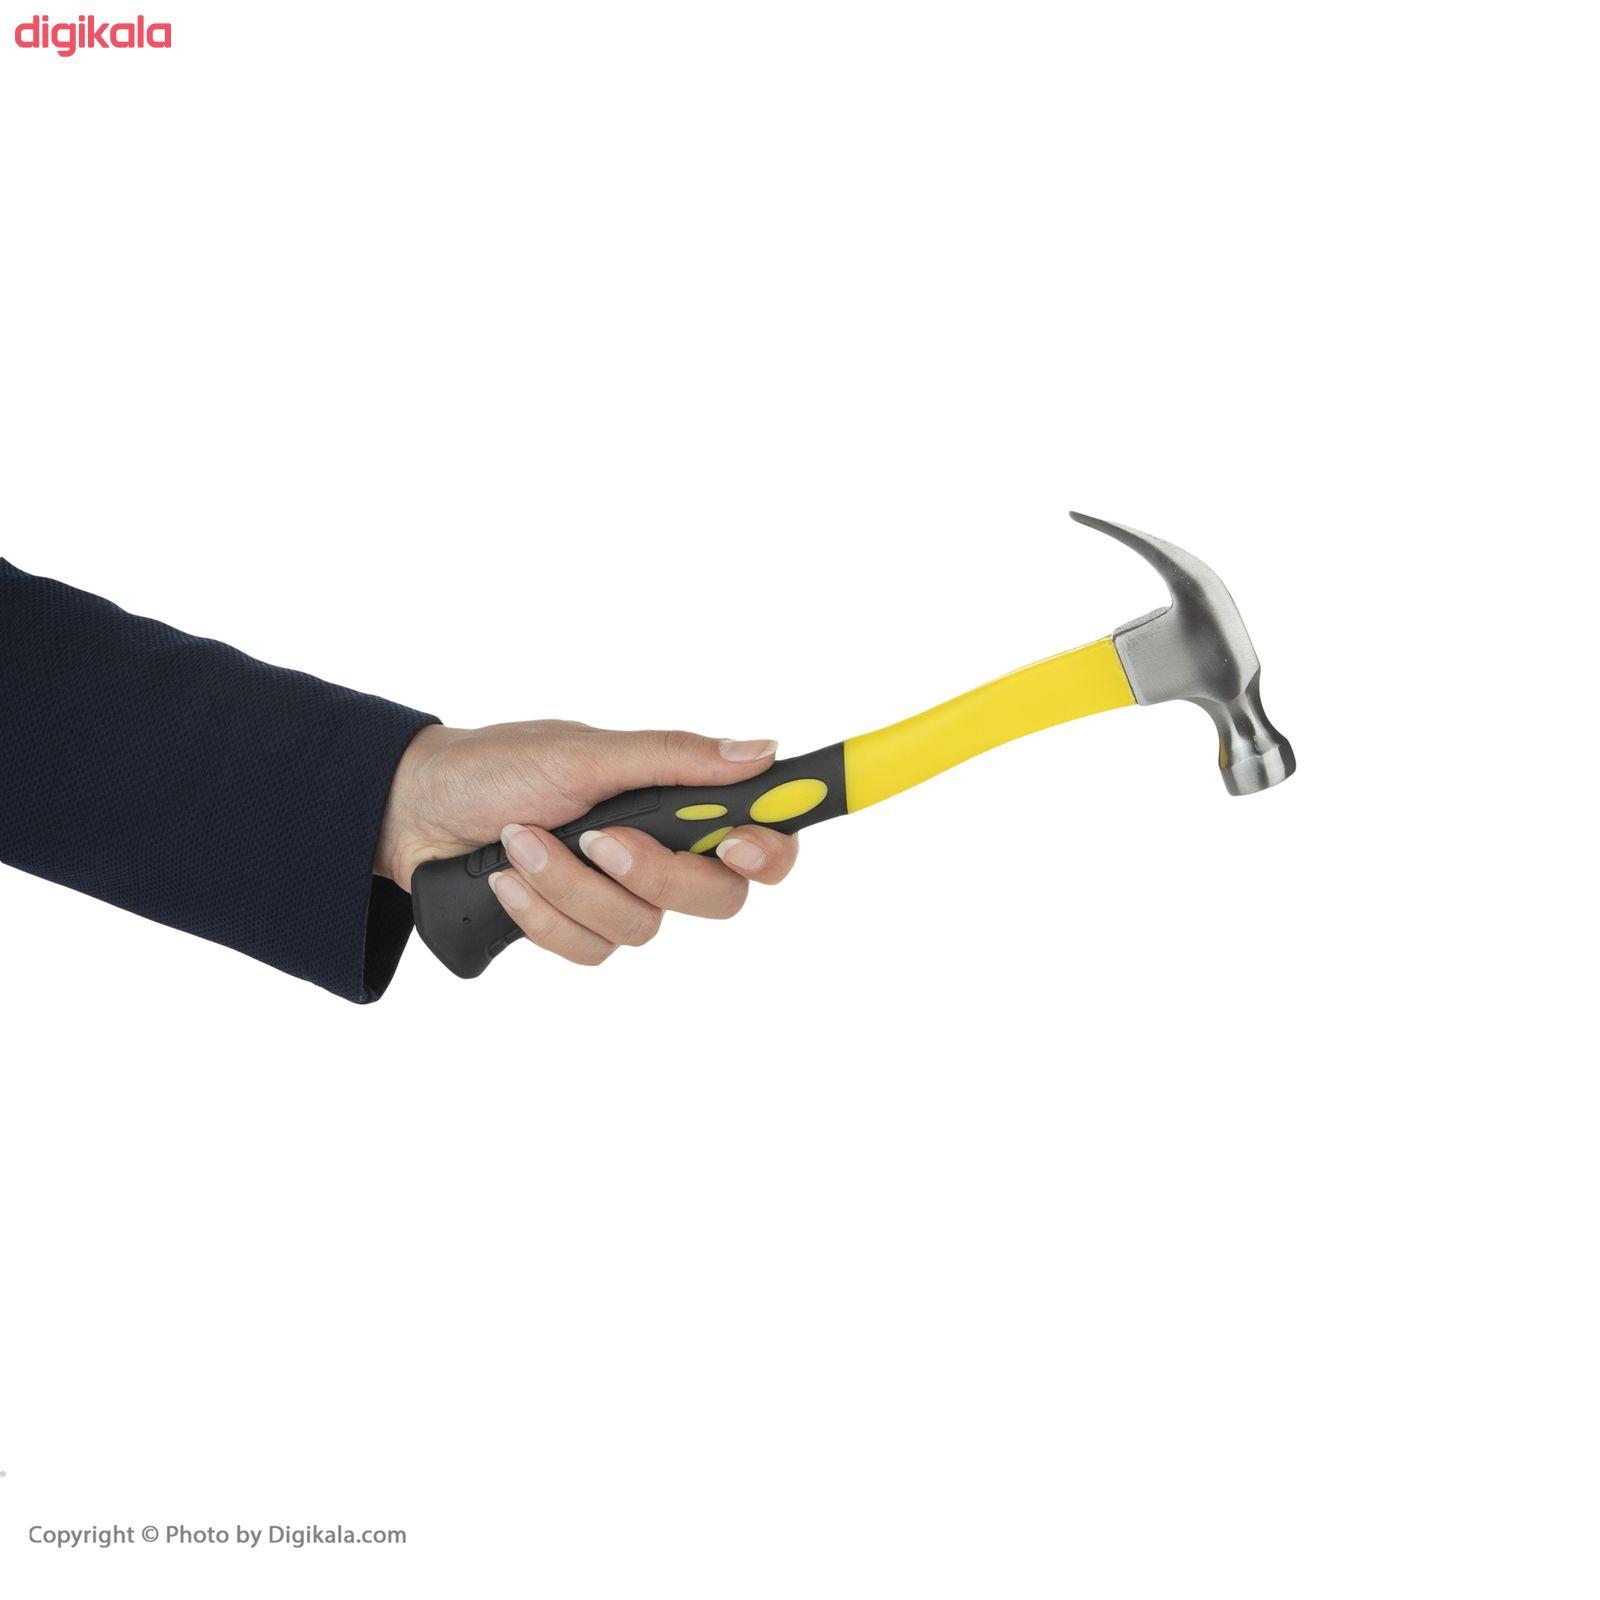 مجموعه ابزار 186 عددی آپ اسپریت مدل YT7001 main 1 30